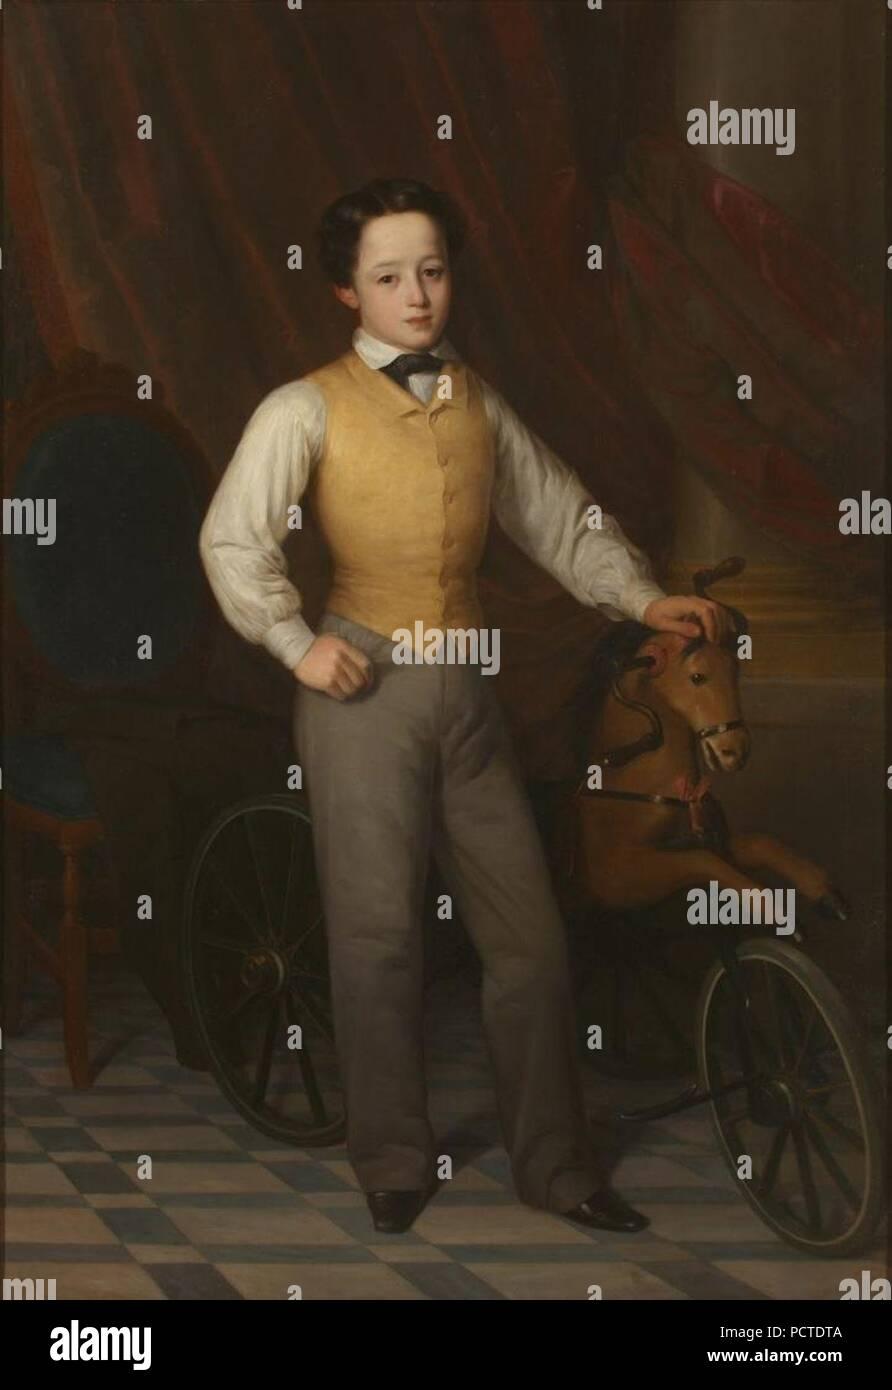 Alfredito Romea y Díez (Museo del Romanticismo de Madrid). Immagini Stock